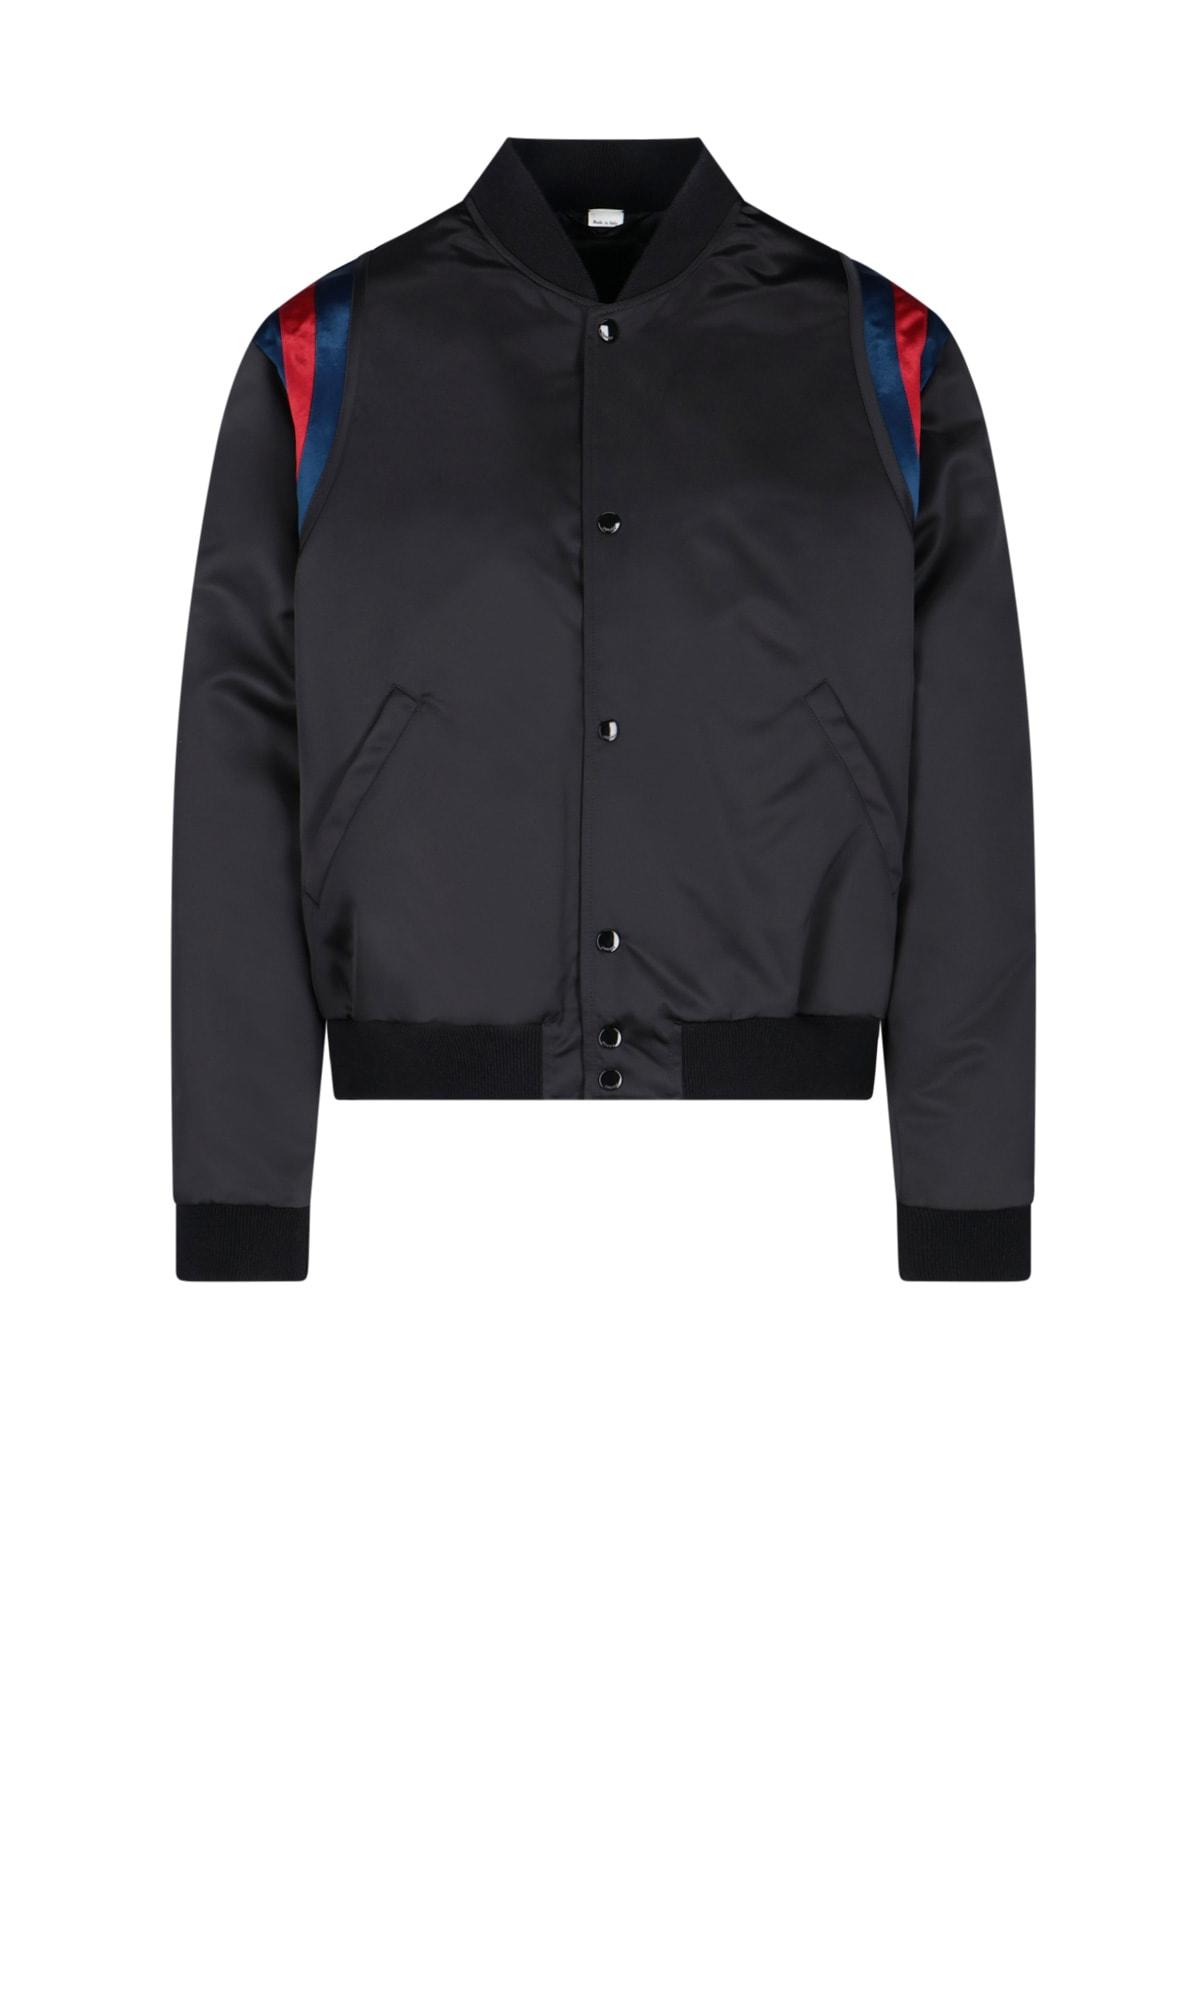 Gucci Band Bomber Jacket